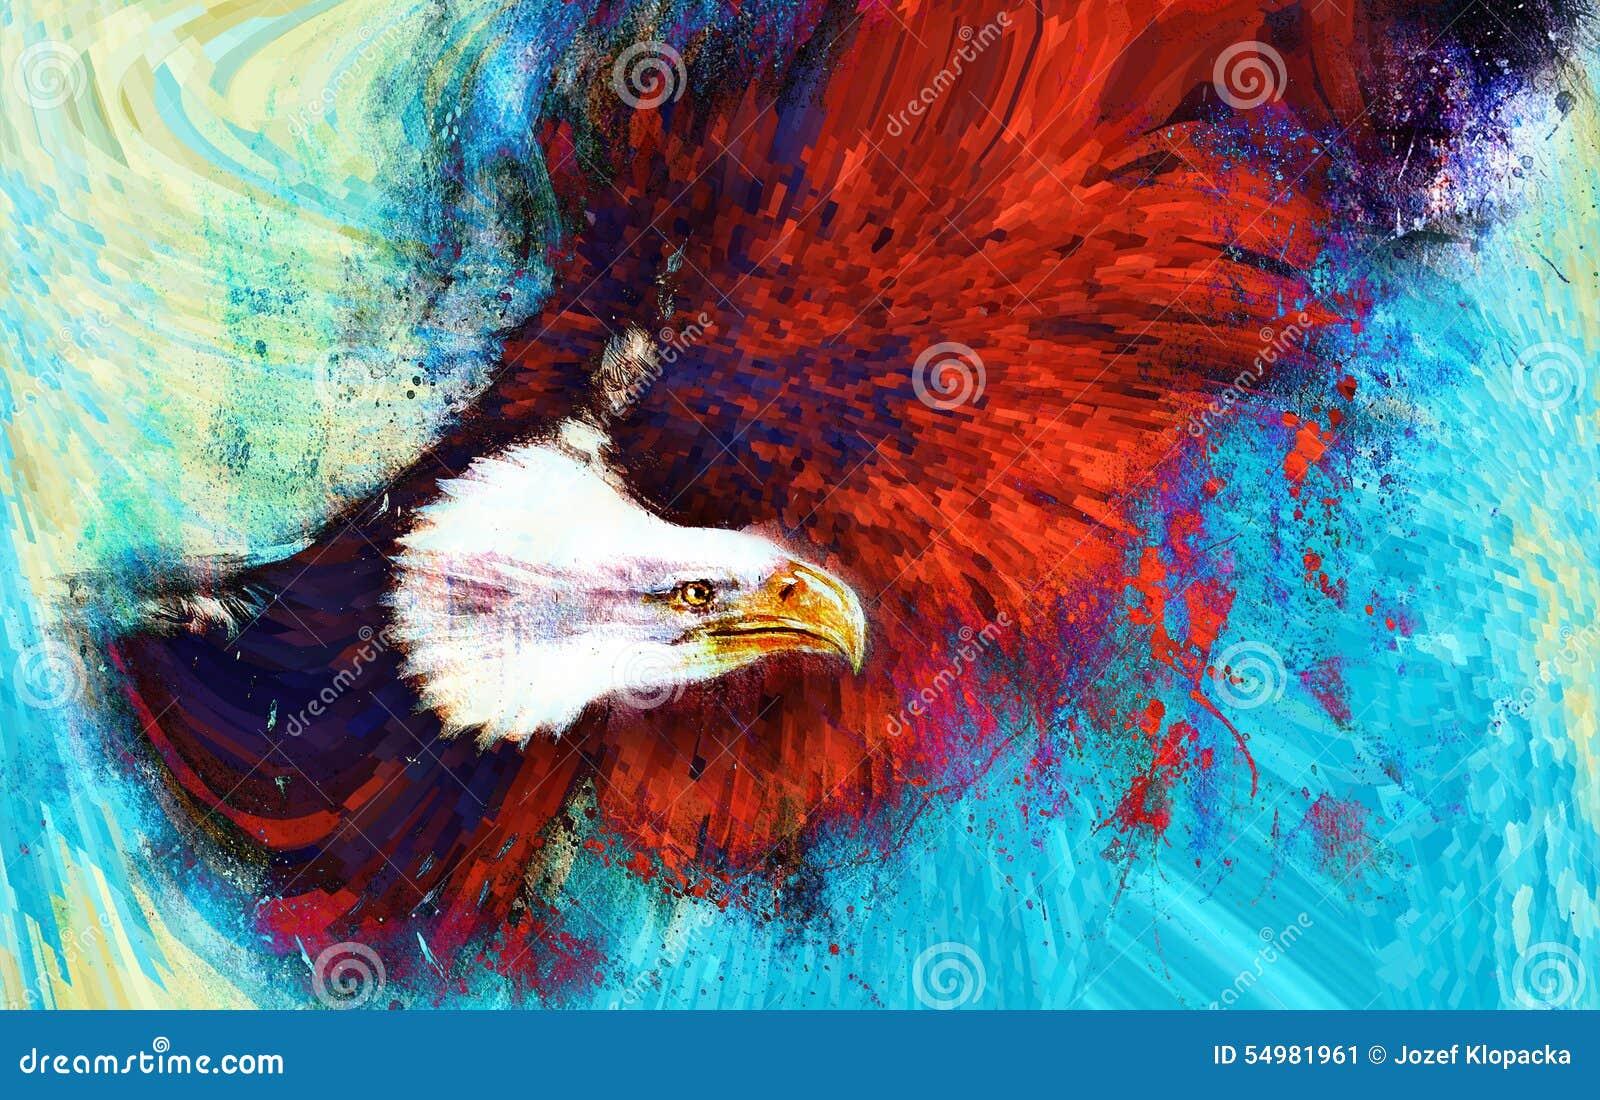 Abstrakcjonistyczny tło i ptak